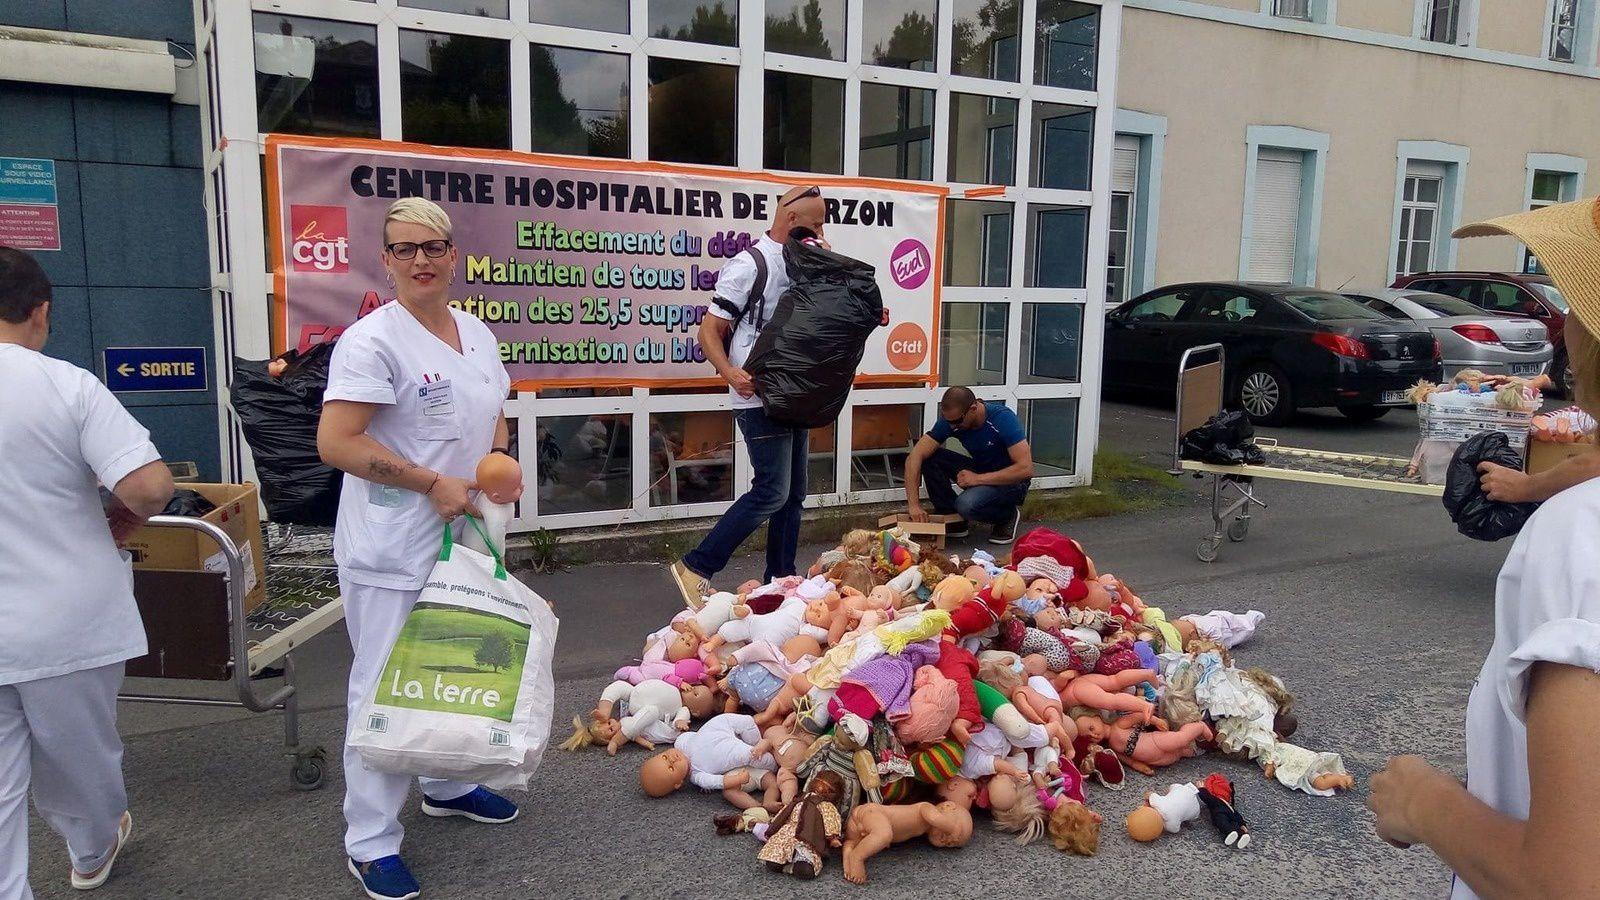 Jerdi 14 juin : la collecte des poupons par le personne de l'hôpital, l'image est très forte symboliquement, un peu glauque dirons certains mais destinée à susciter la réaction des autorités de tutelle.